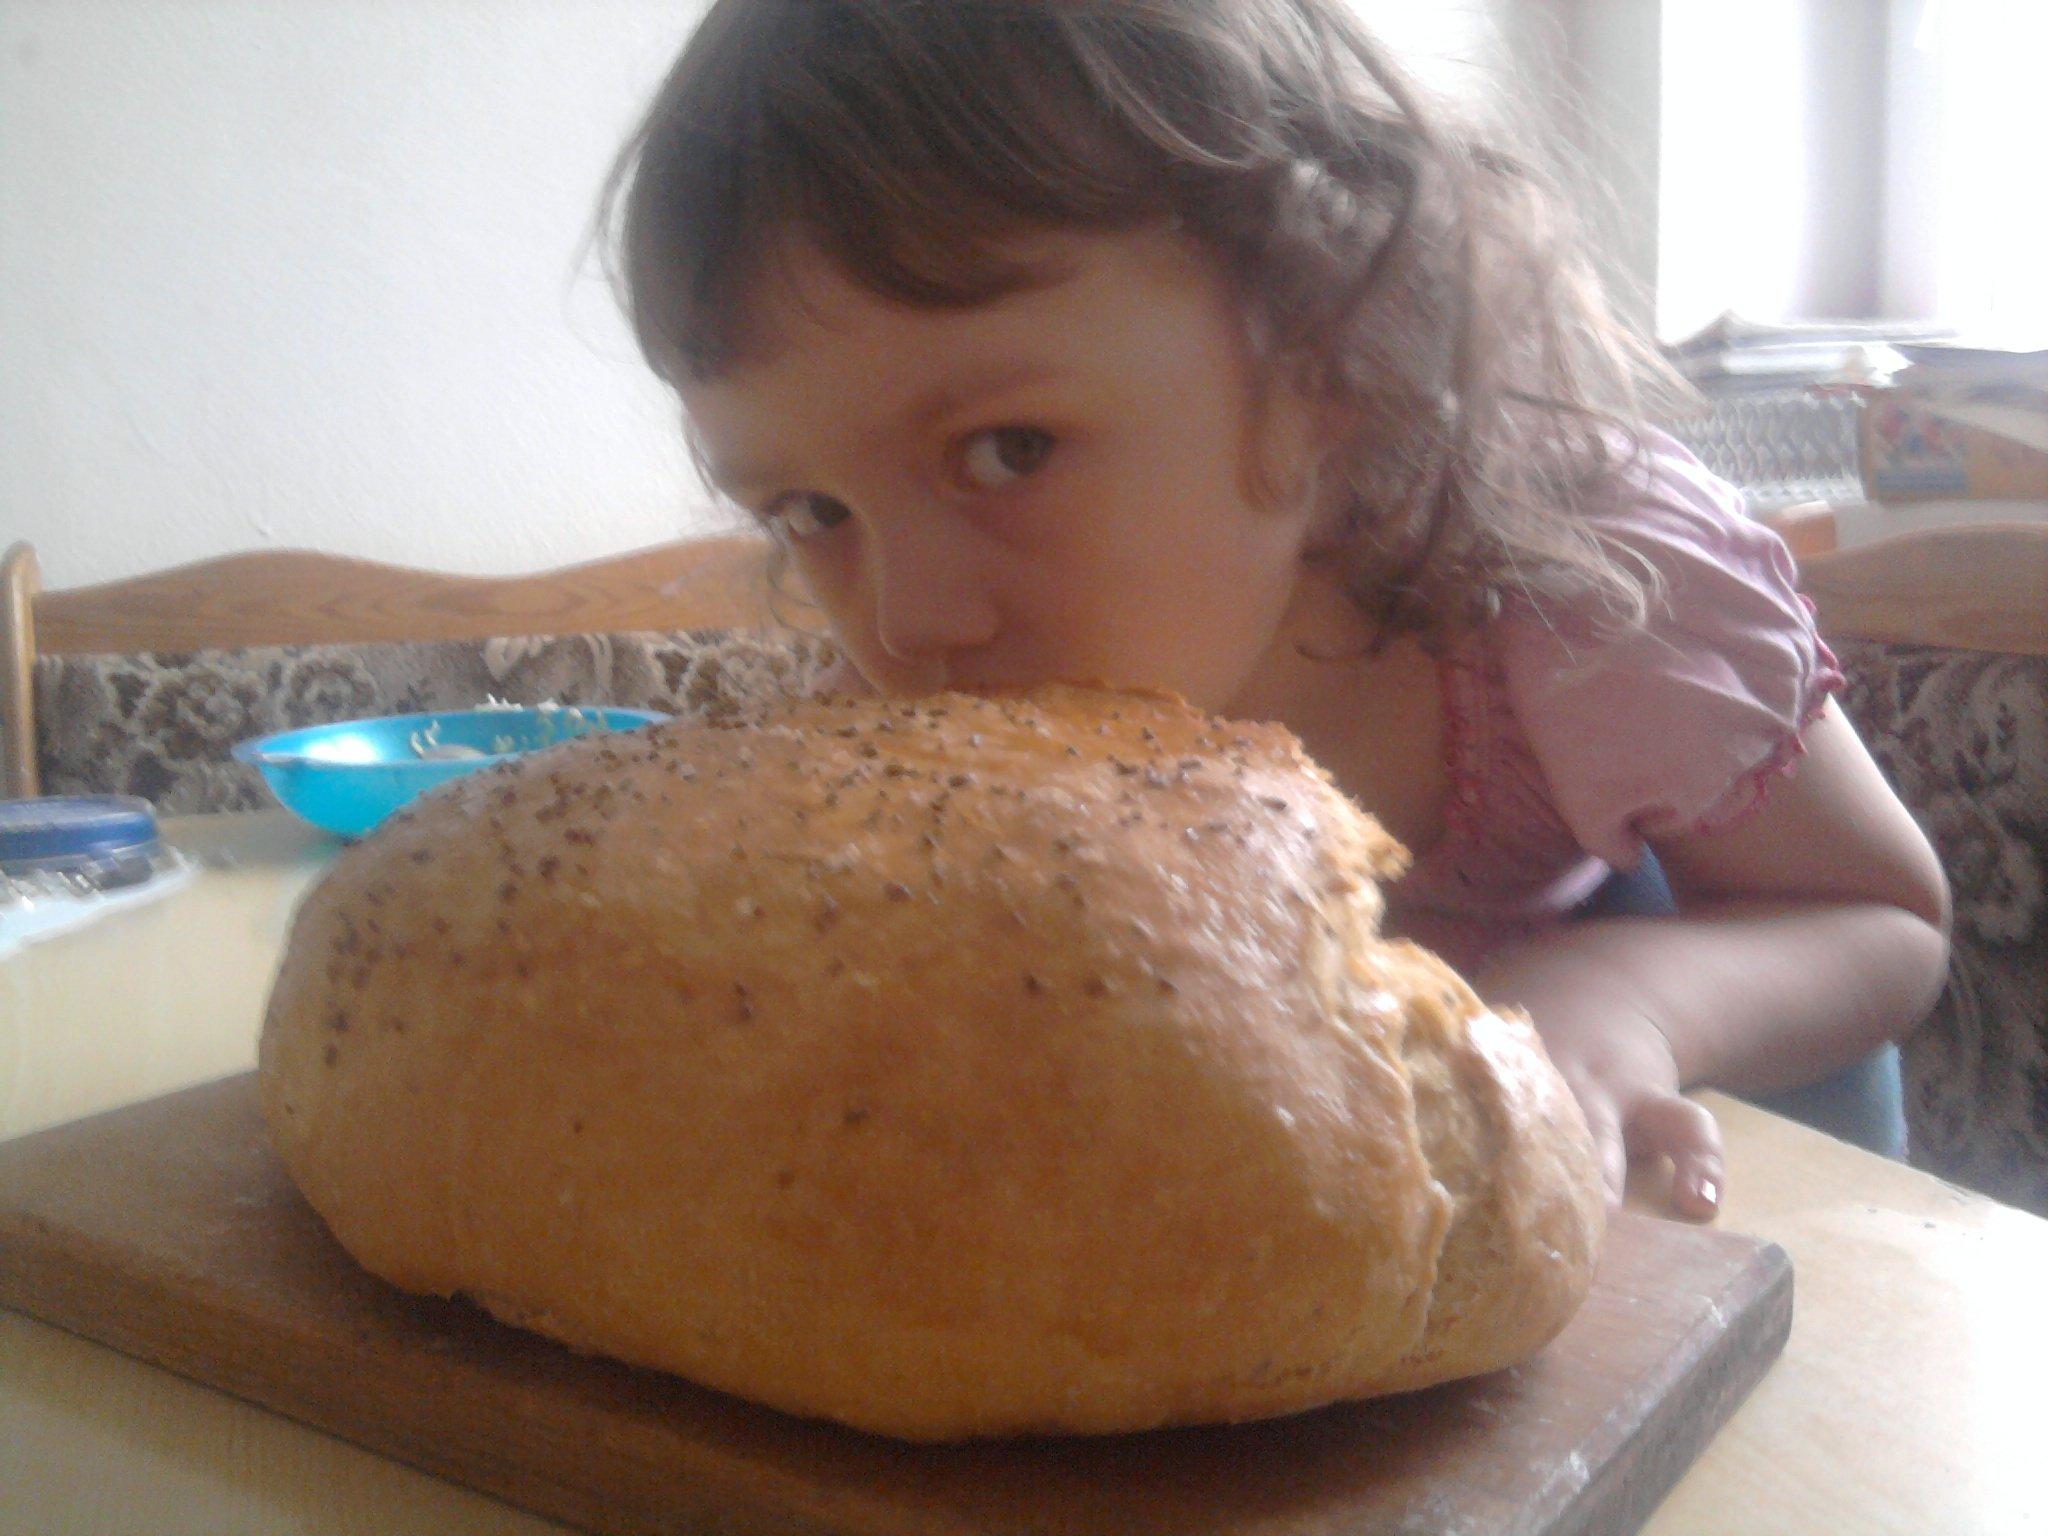 Recept Domácí chleba - akorát vytažený z trouby, dcerka si musela přivonět :)